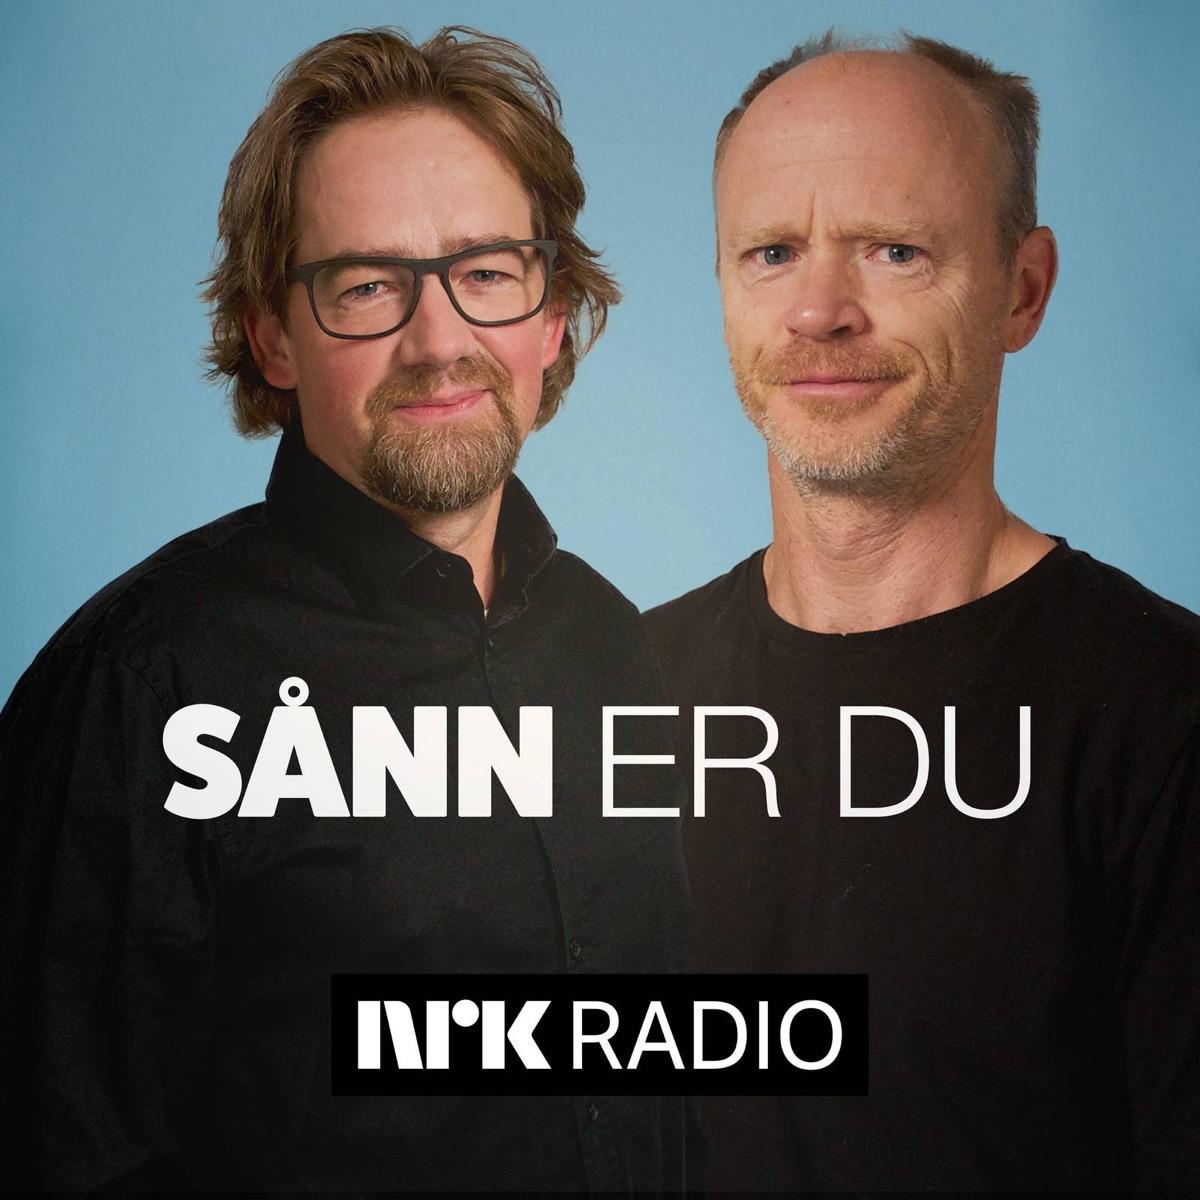 Sånn er du, Kristin Skogen Lund